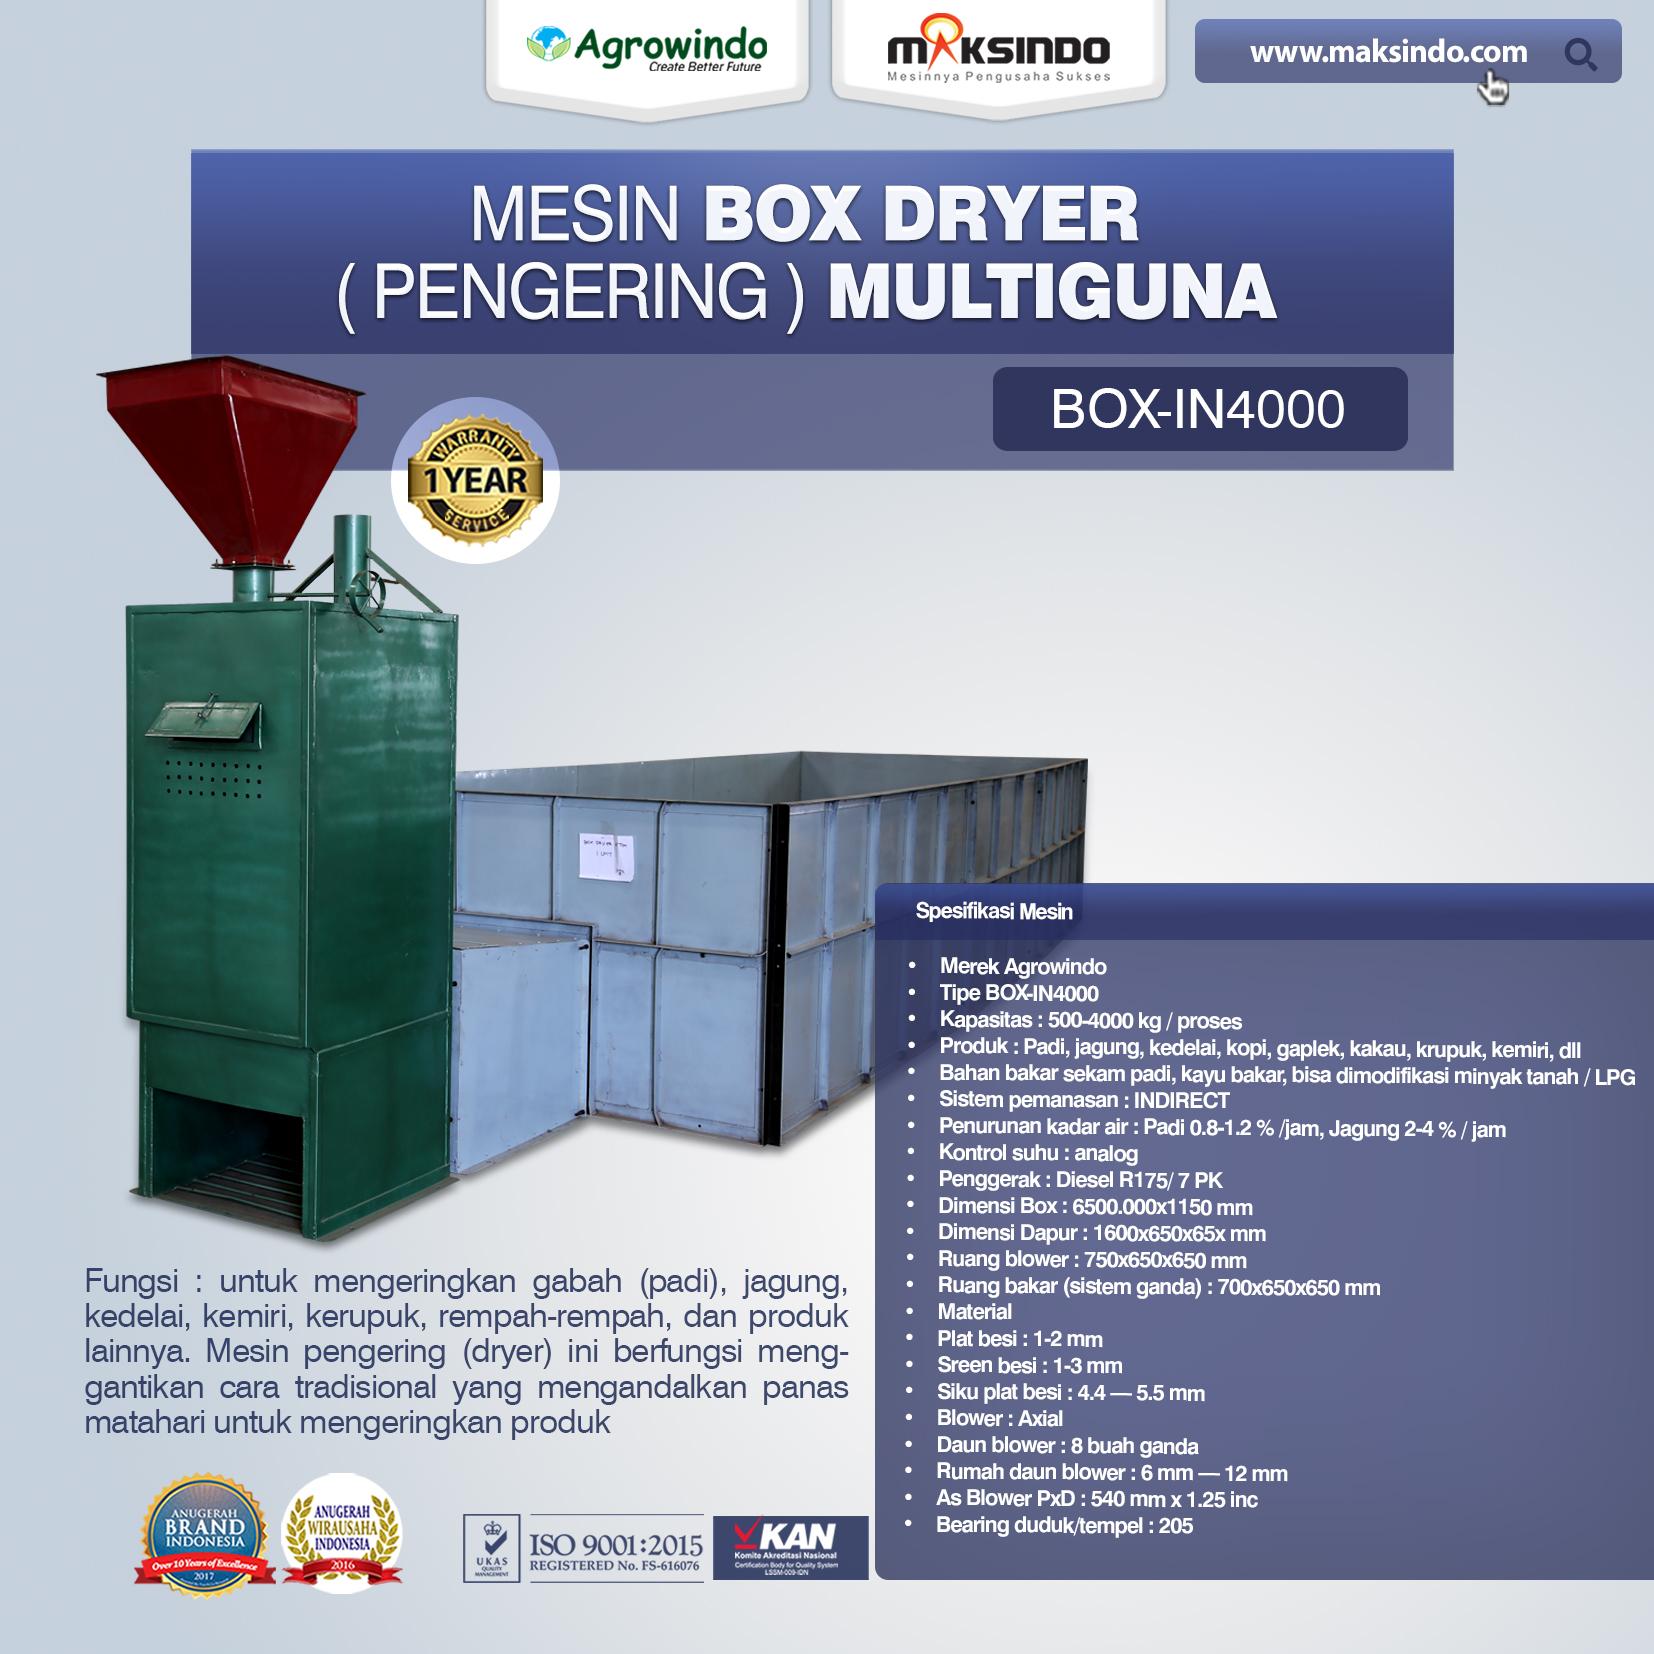 Jual Mesin Box Dryer di Palembang